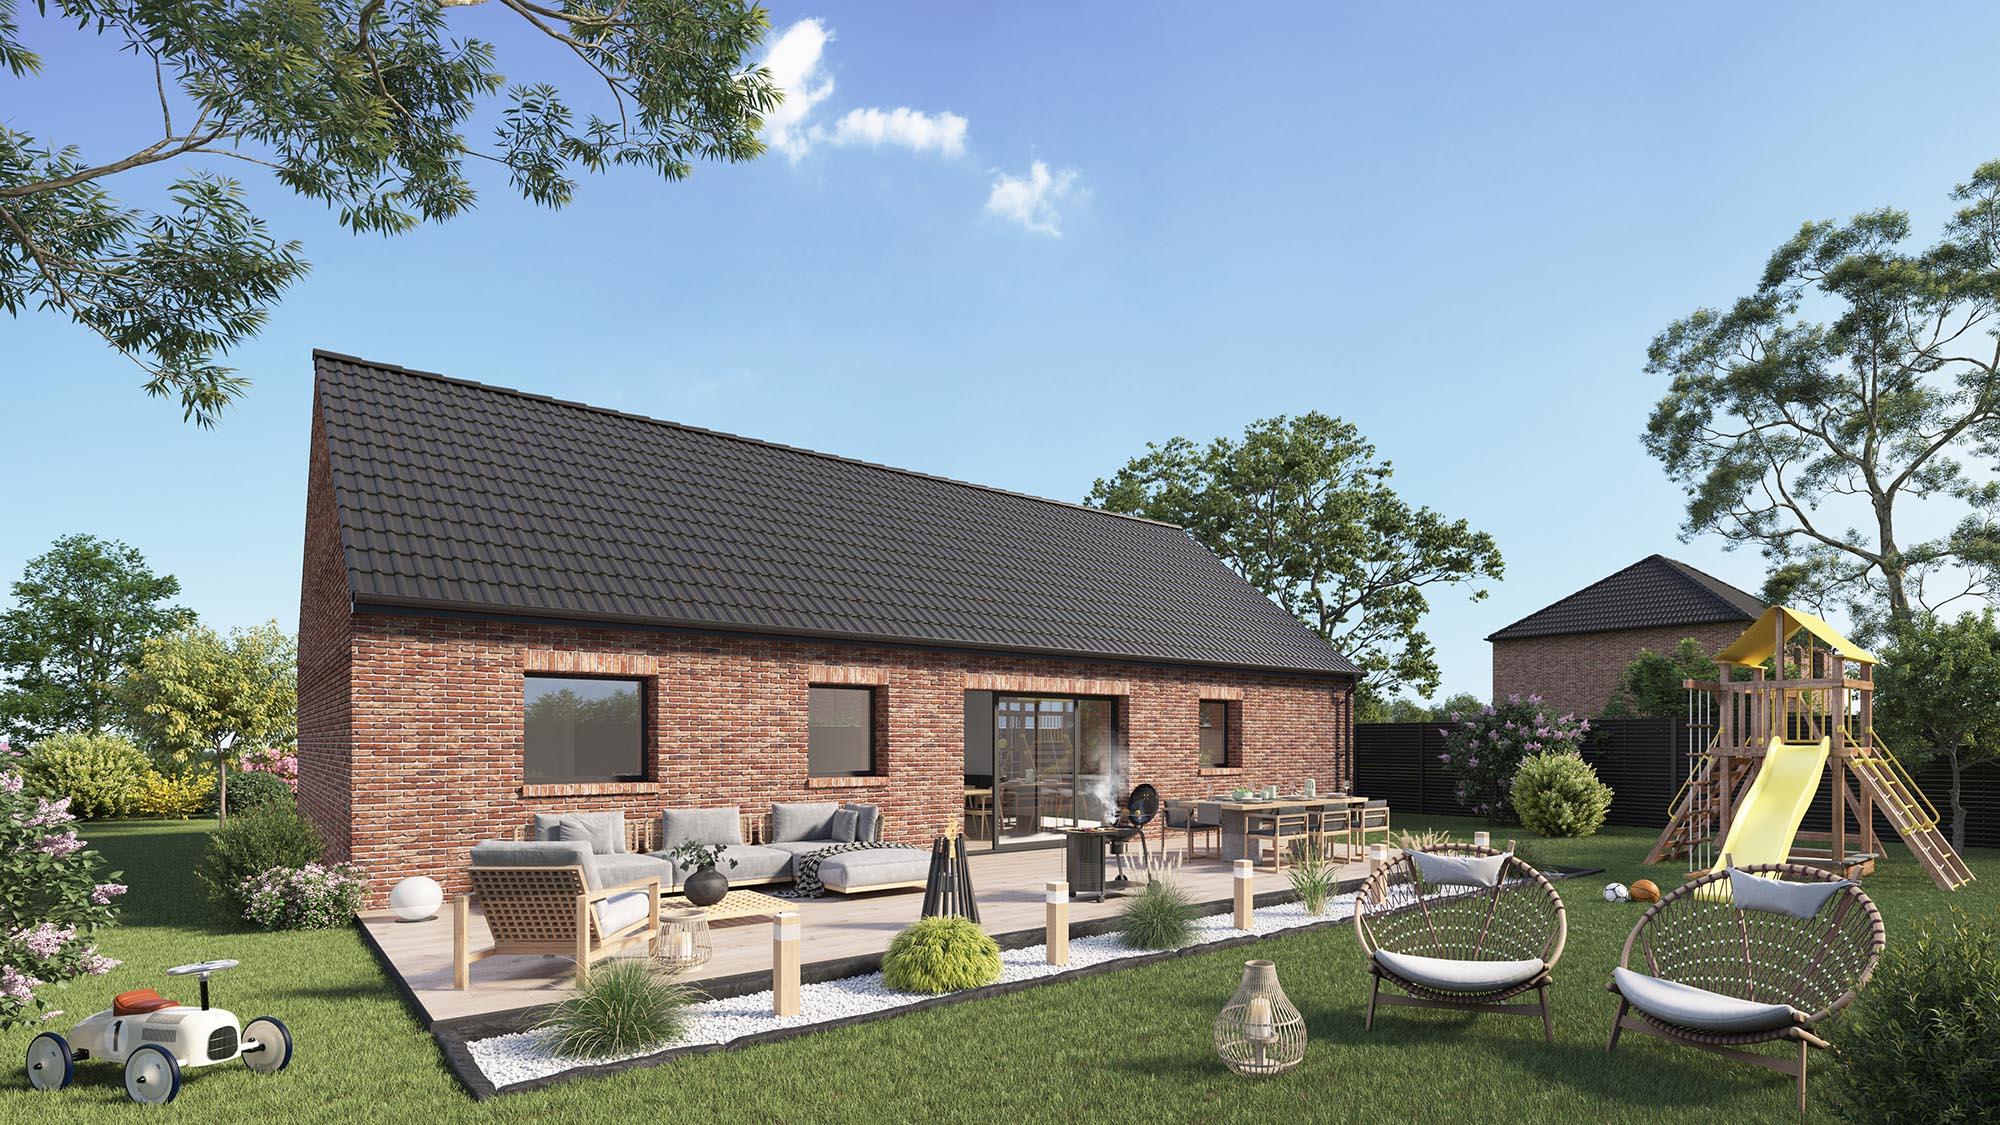 Maisons + Terrains du constructeur Maison Castor St Omer • 98 m² • MORBECQUE